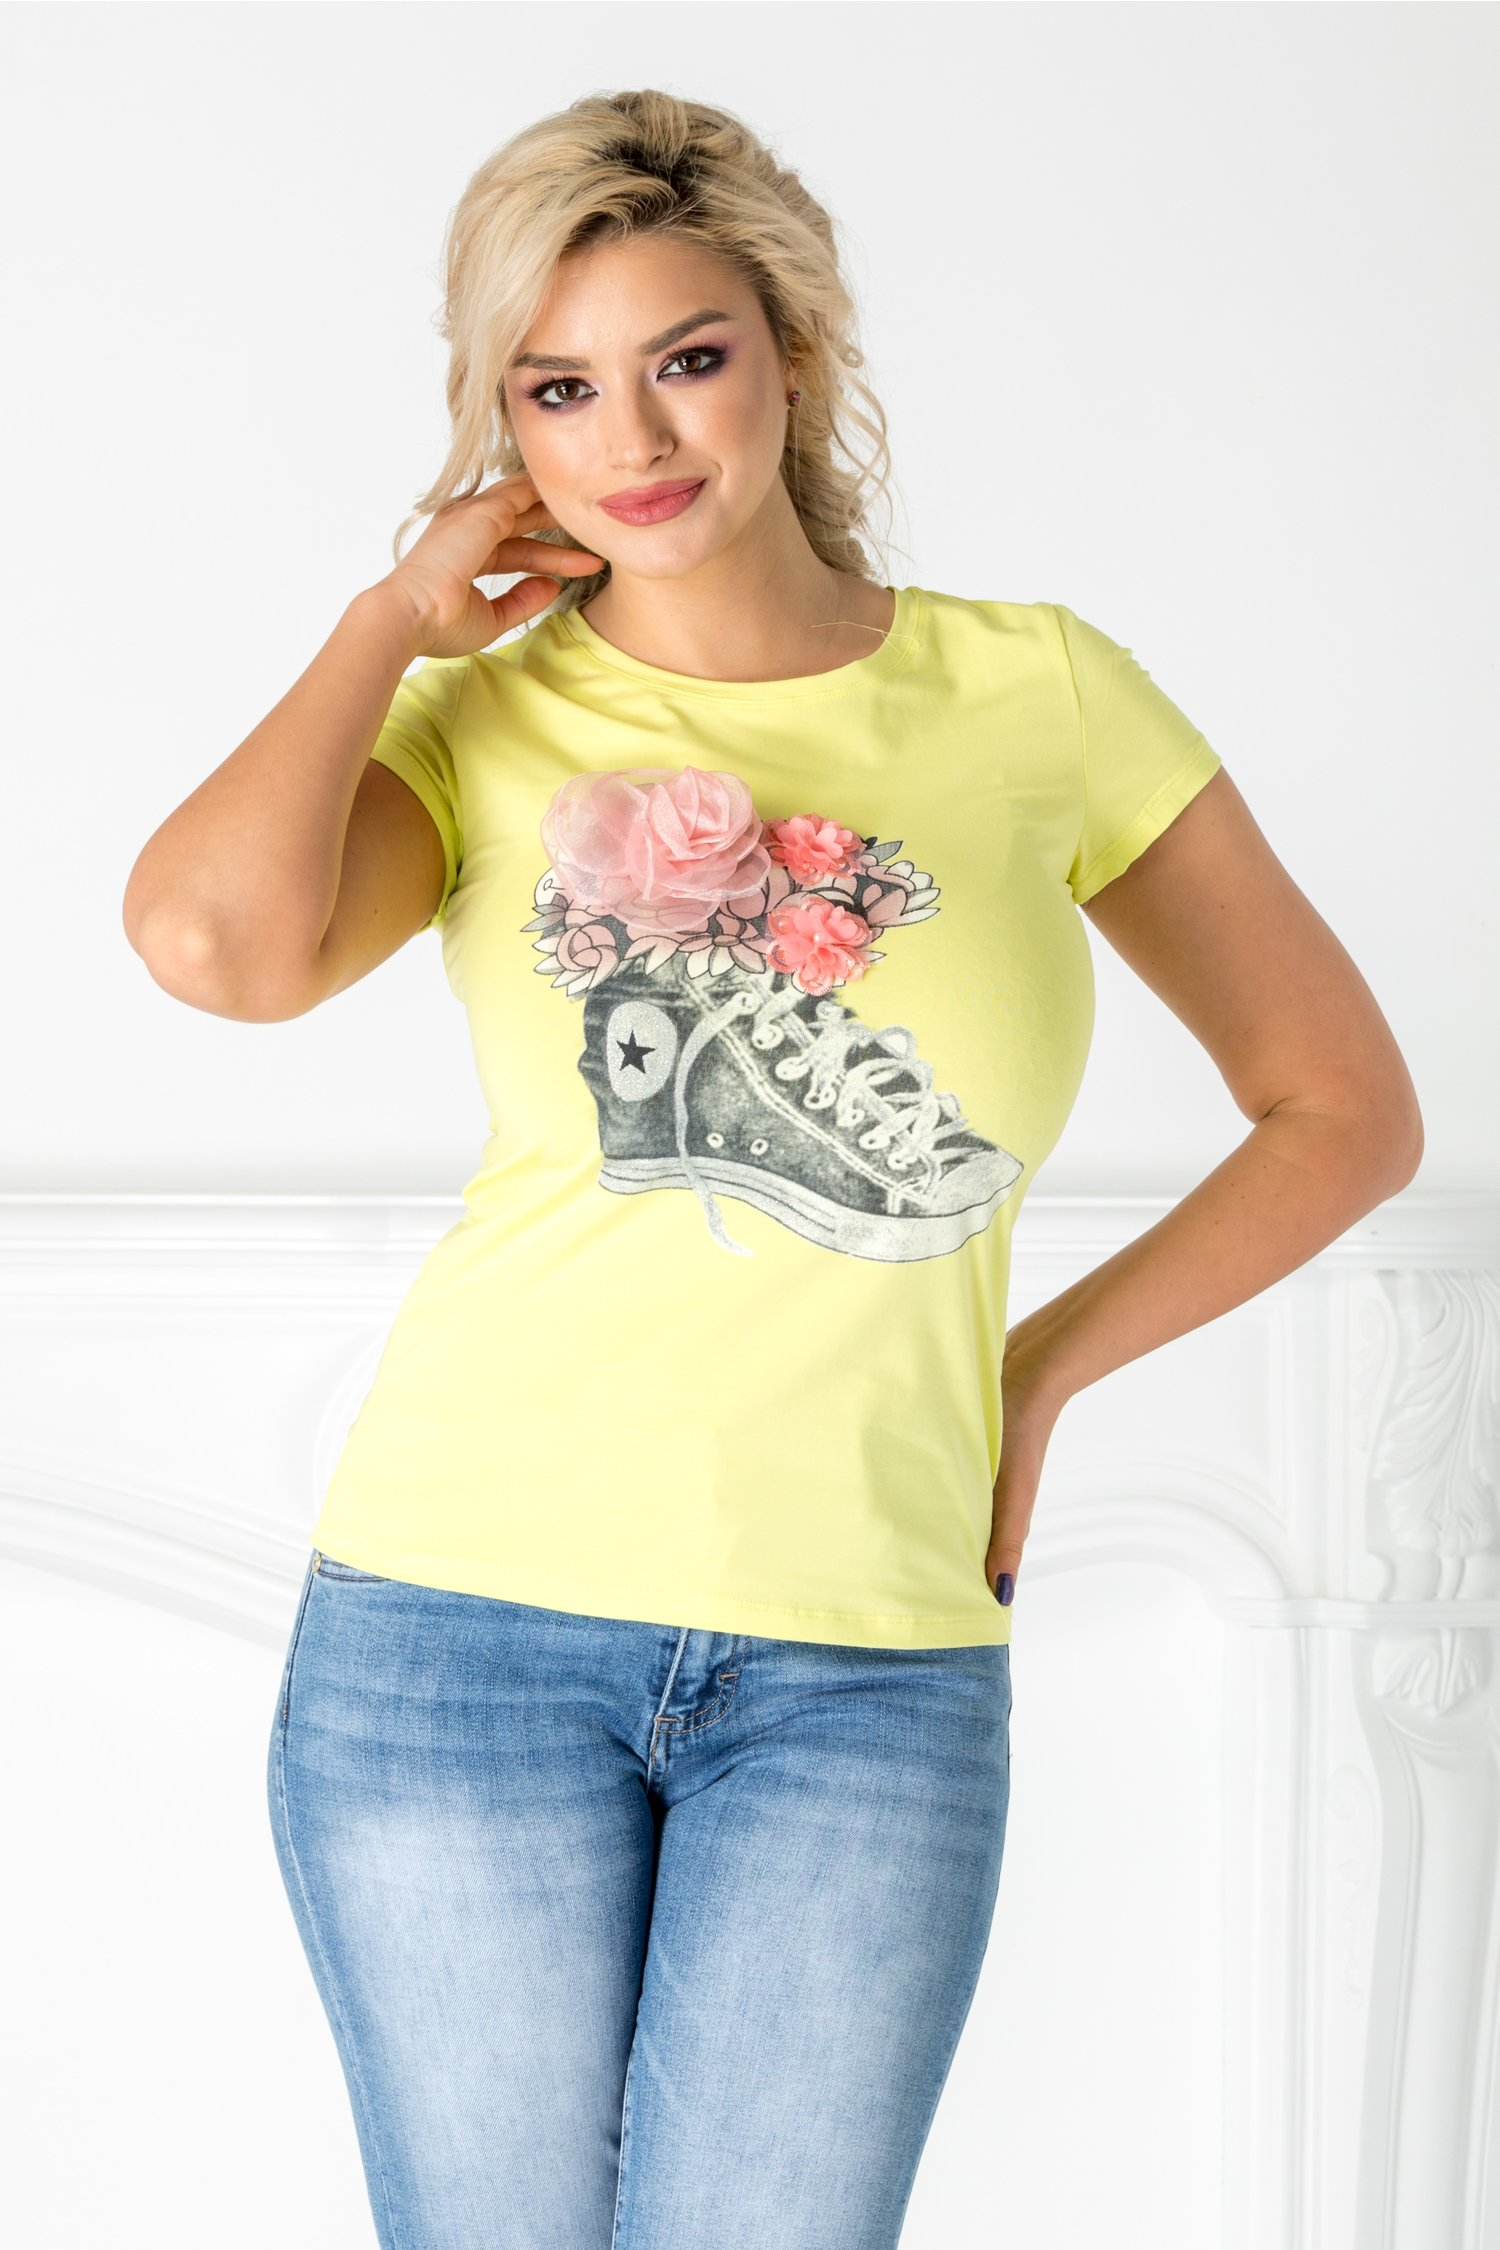 Tricou galben cu imprimeu gri si flori roz 3D